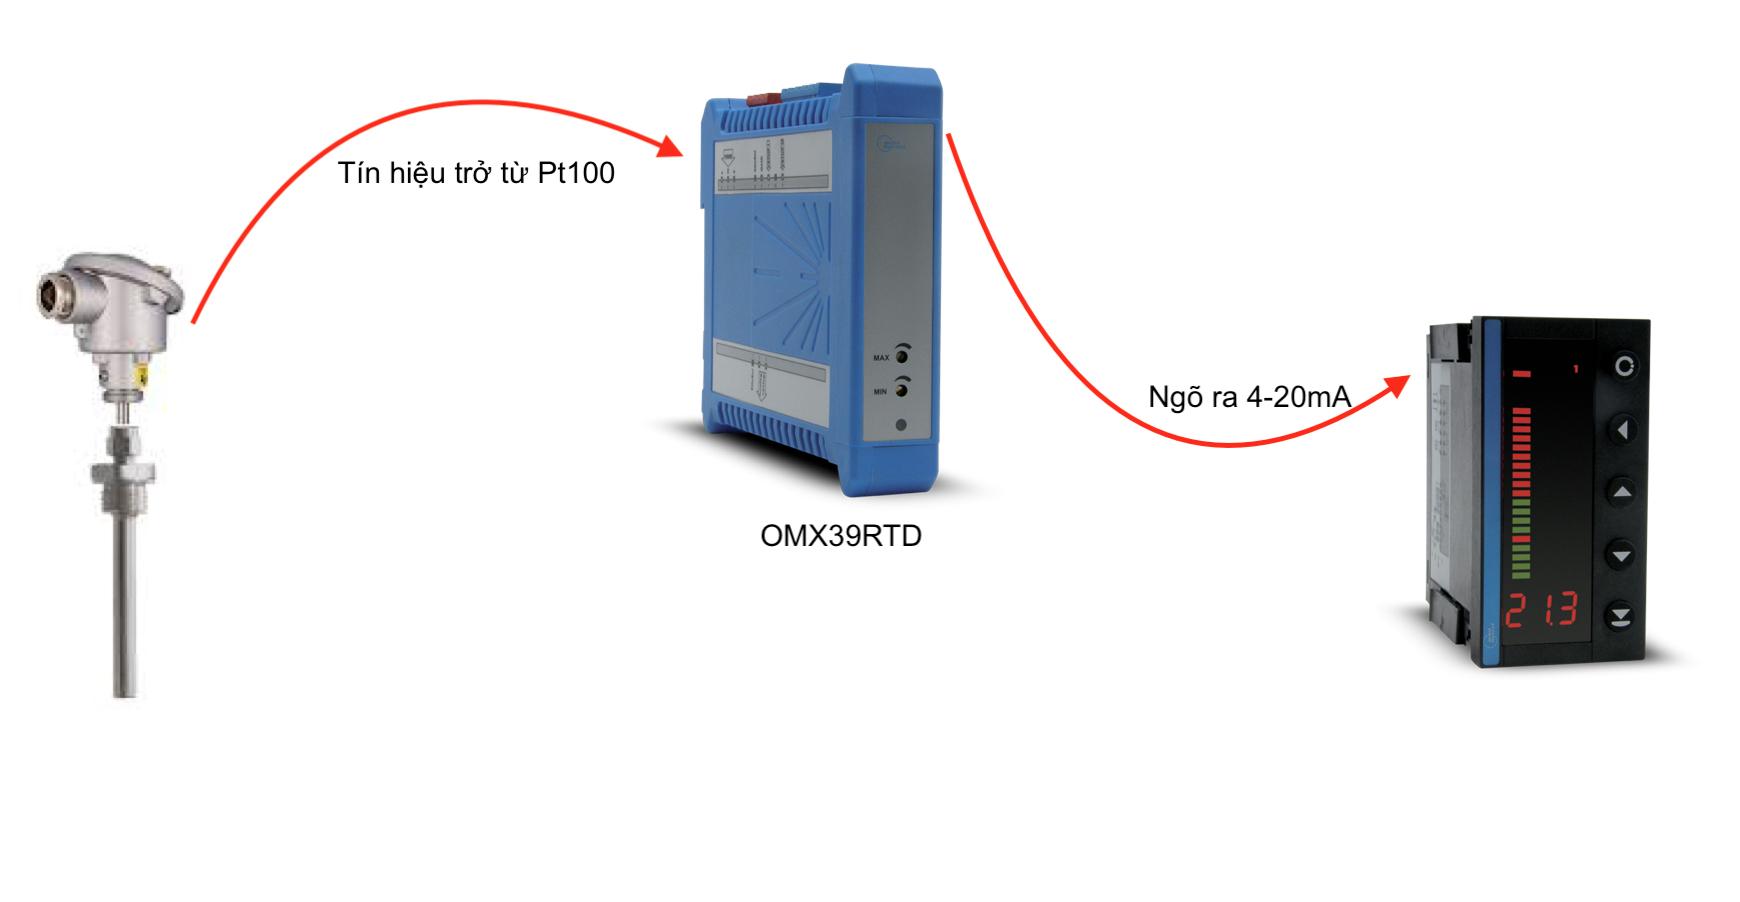 Bộ chuyển đổi nhiệt độ Pt100 - OMX39RTD